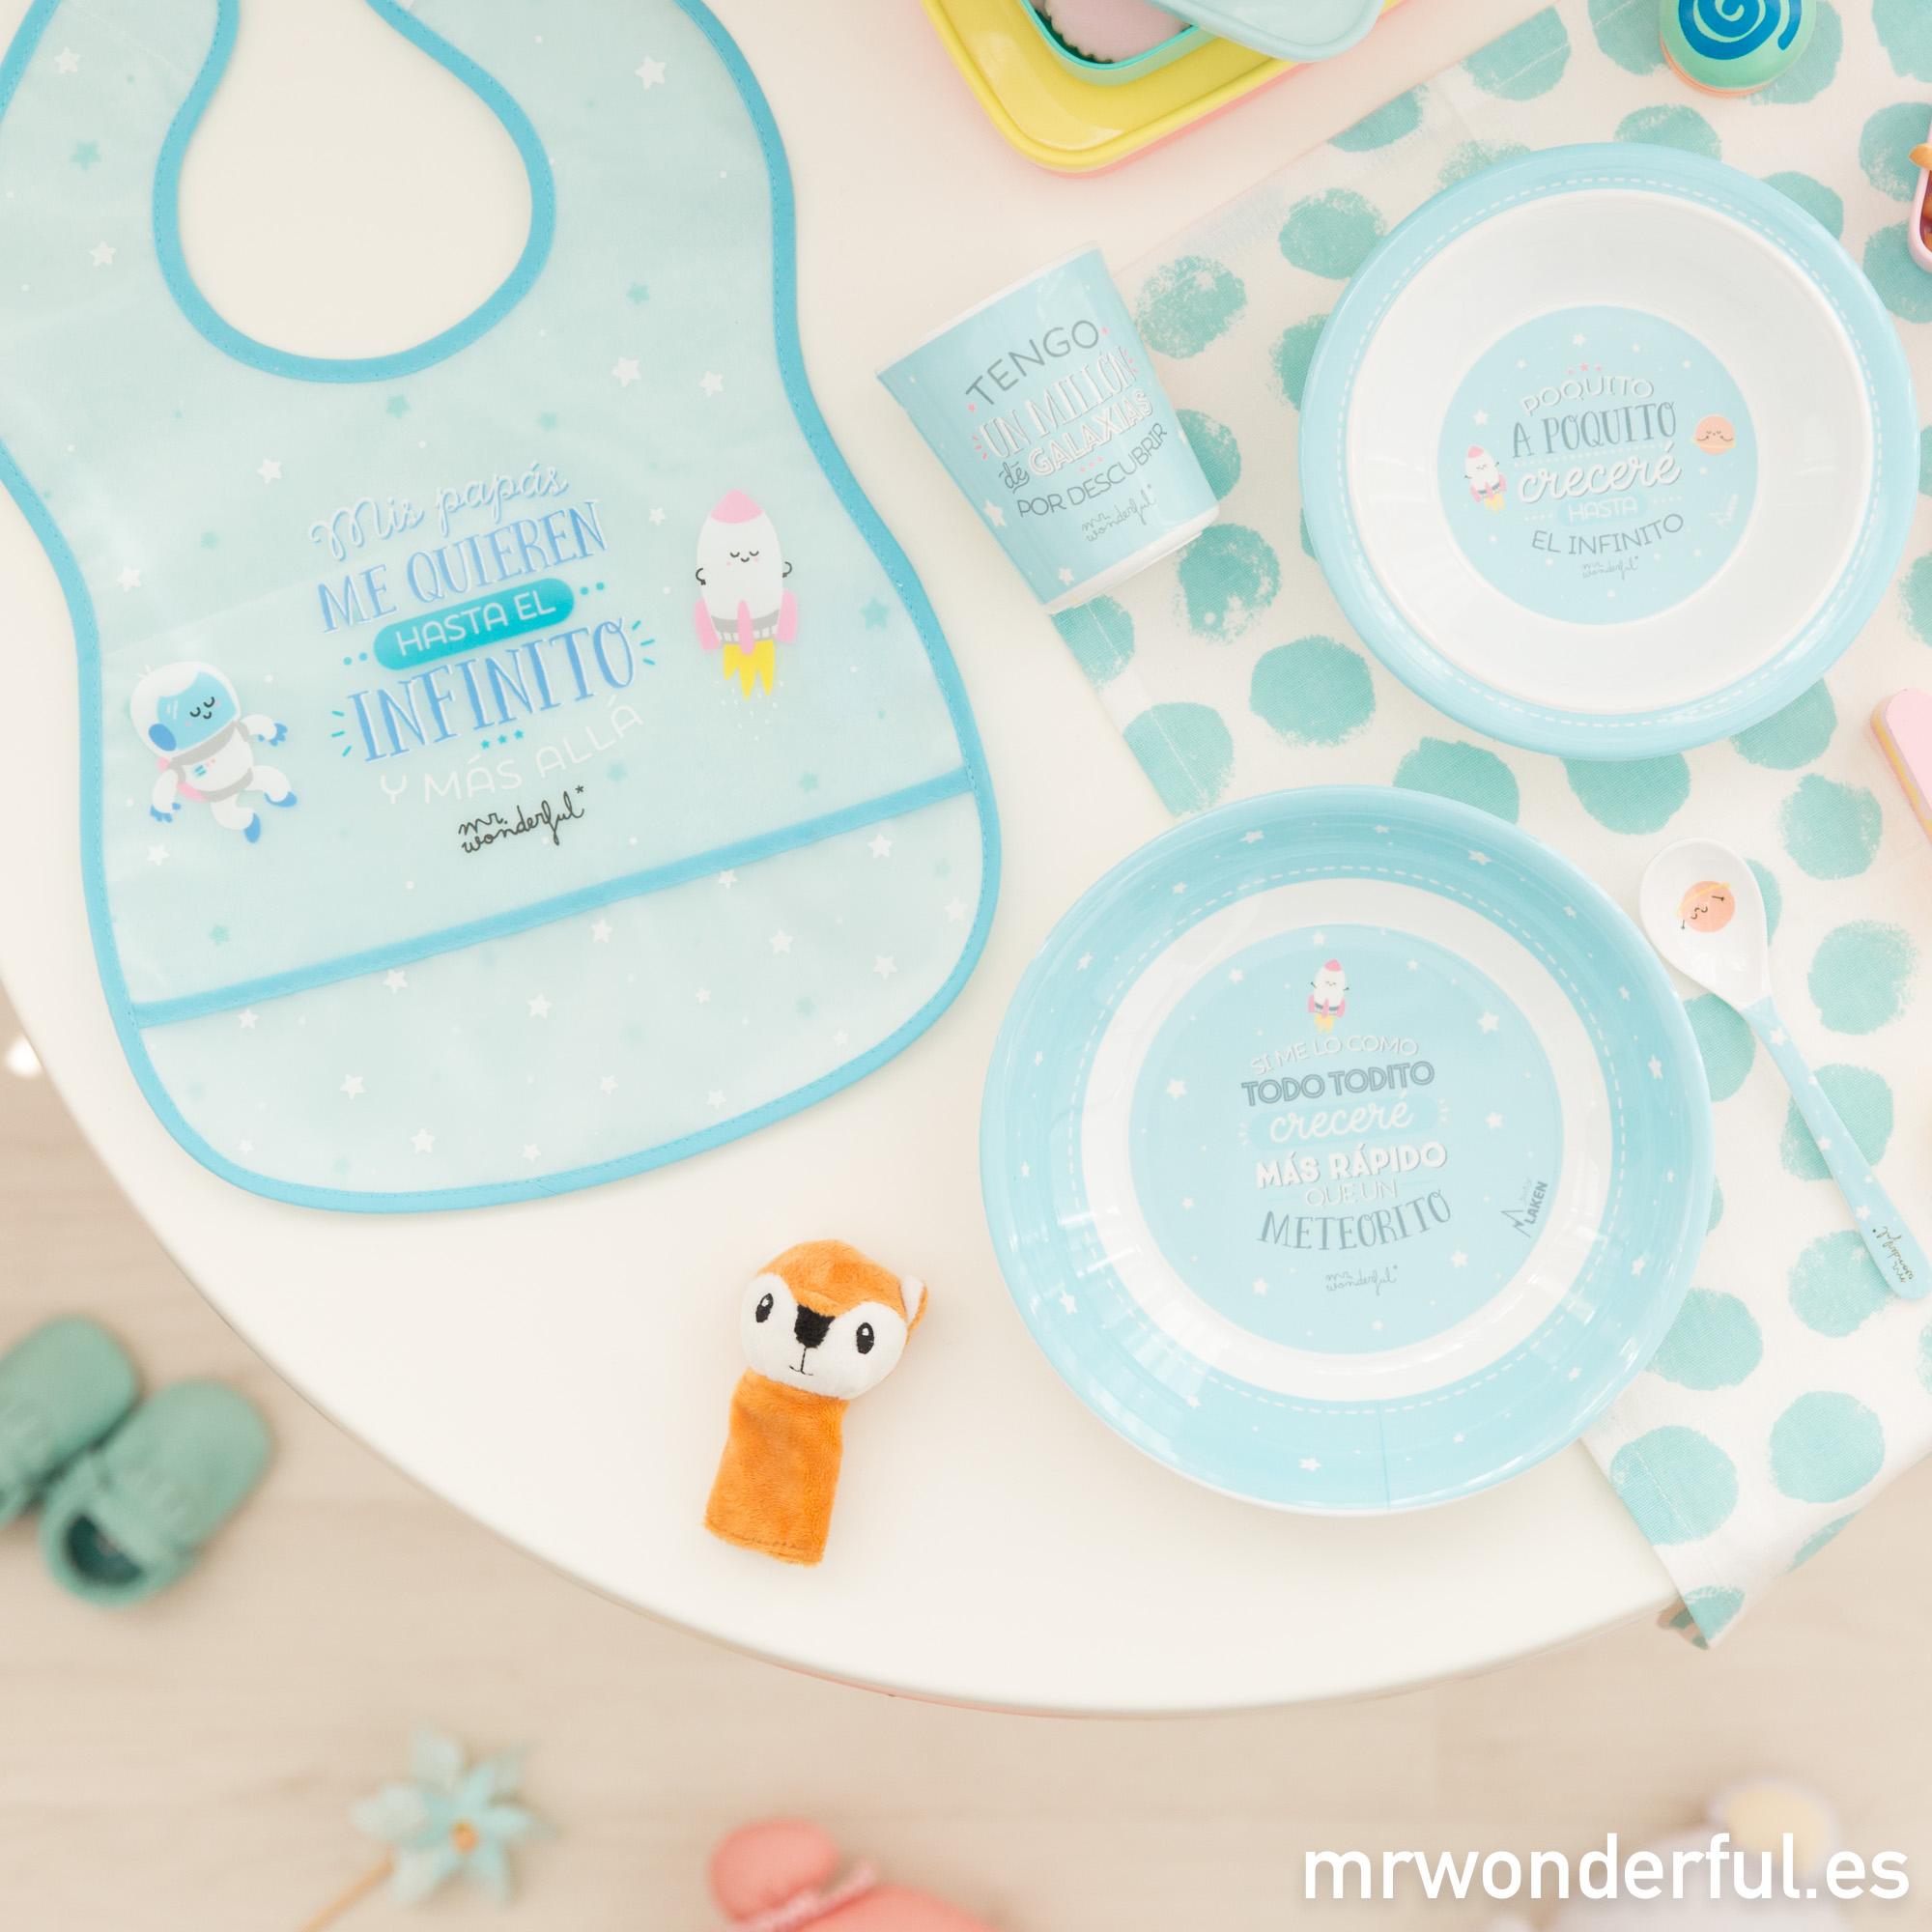 ¡Menuda locura! Productos Mr. Wonderful de puericultura que son una ricura